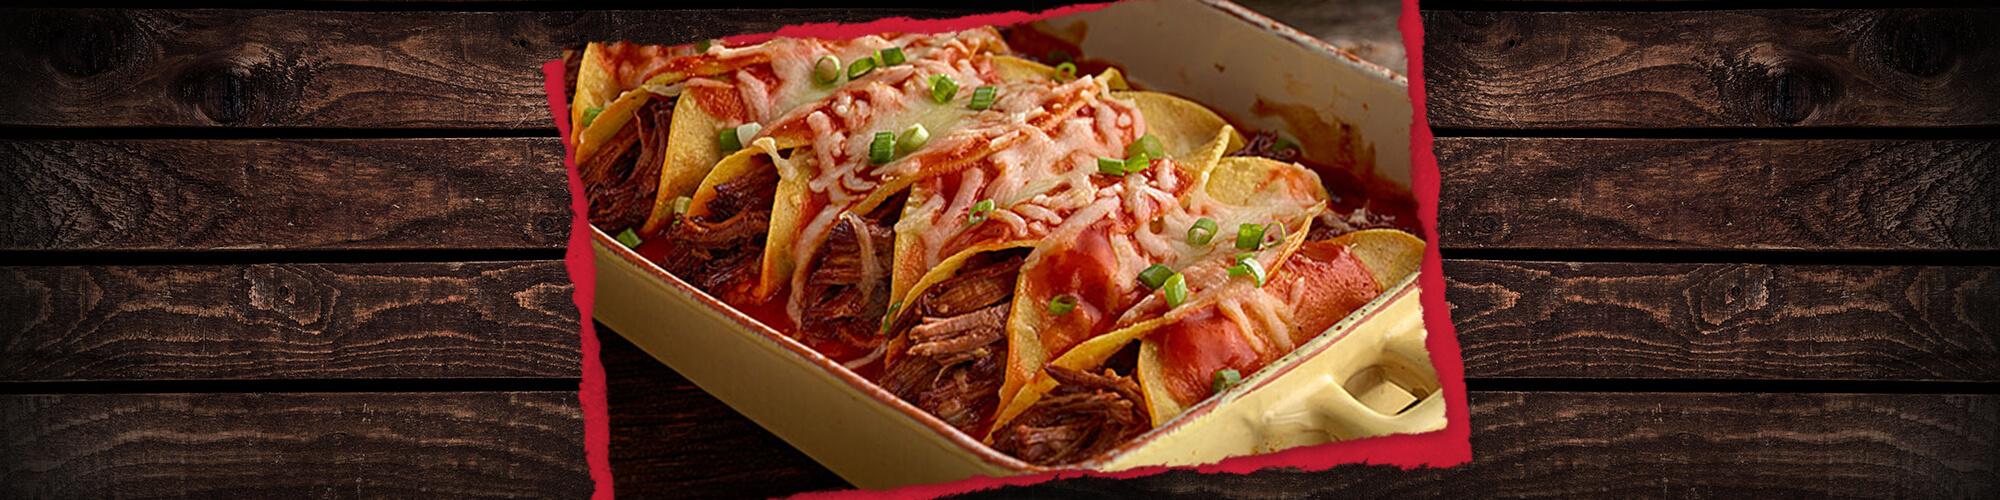 Salsas shredded beef enchiladas